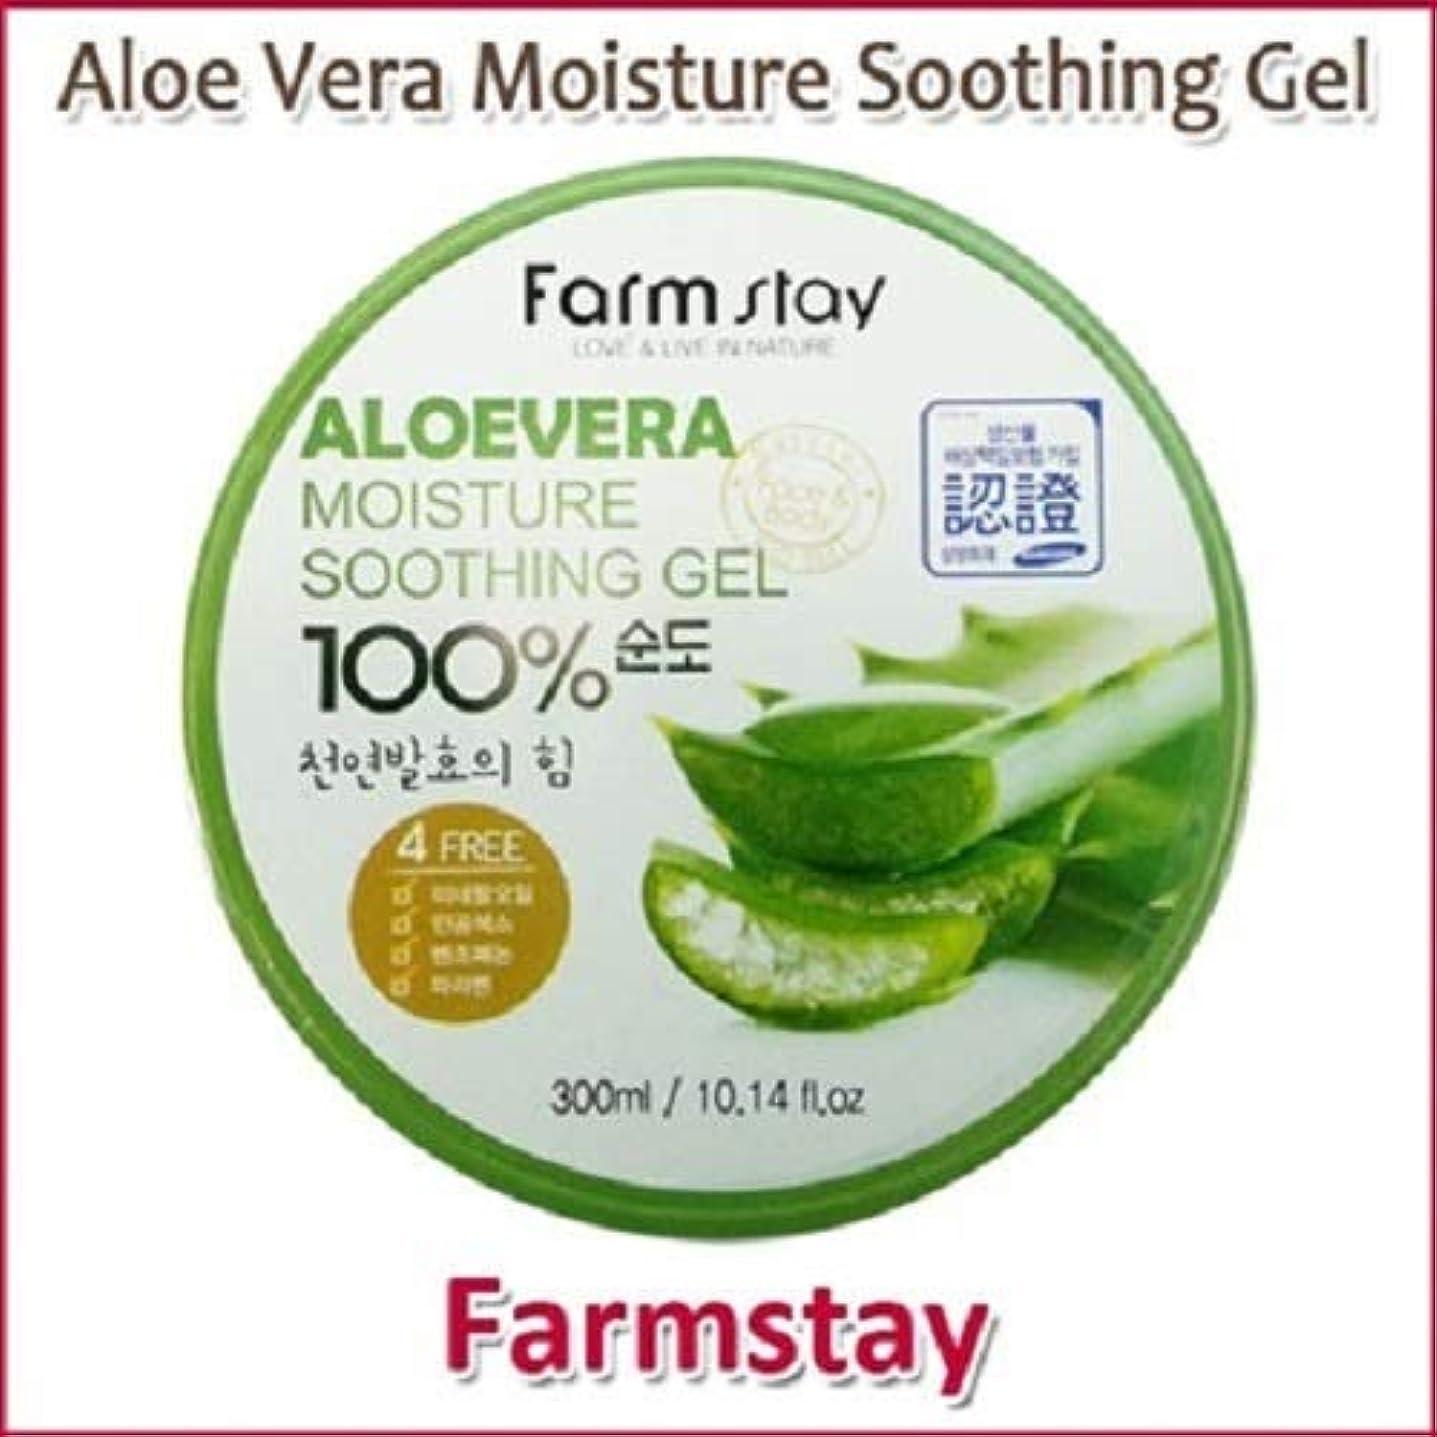 醸造所化粧スペイン語Farm Stay Aloe Vera Moisture Soothing Gel 300ml /オーガニック アロエベラゲル 100%/保湿ケア/韓国コスメ/Aloe Vera 100% /Moisturizing [並行輸入品]